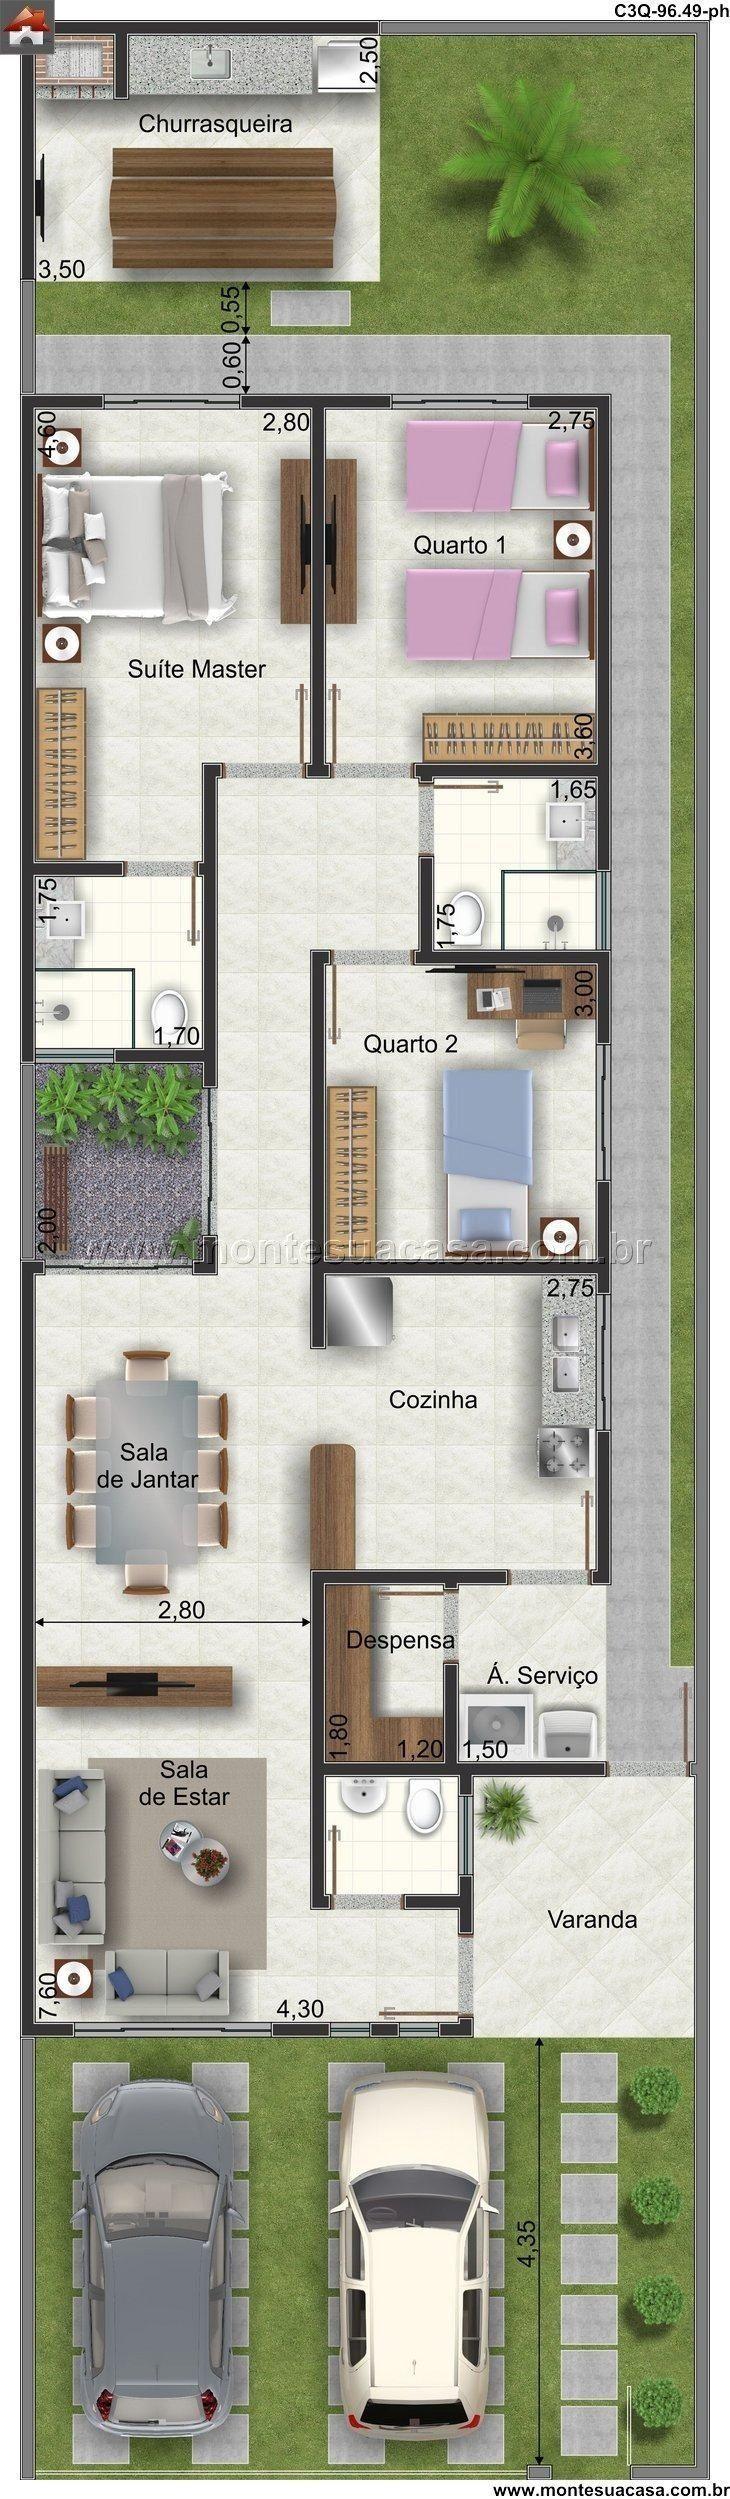 30 best planos de casas images on Pinterest | Floor plans, Small ...